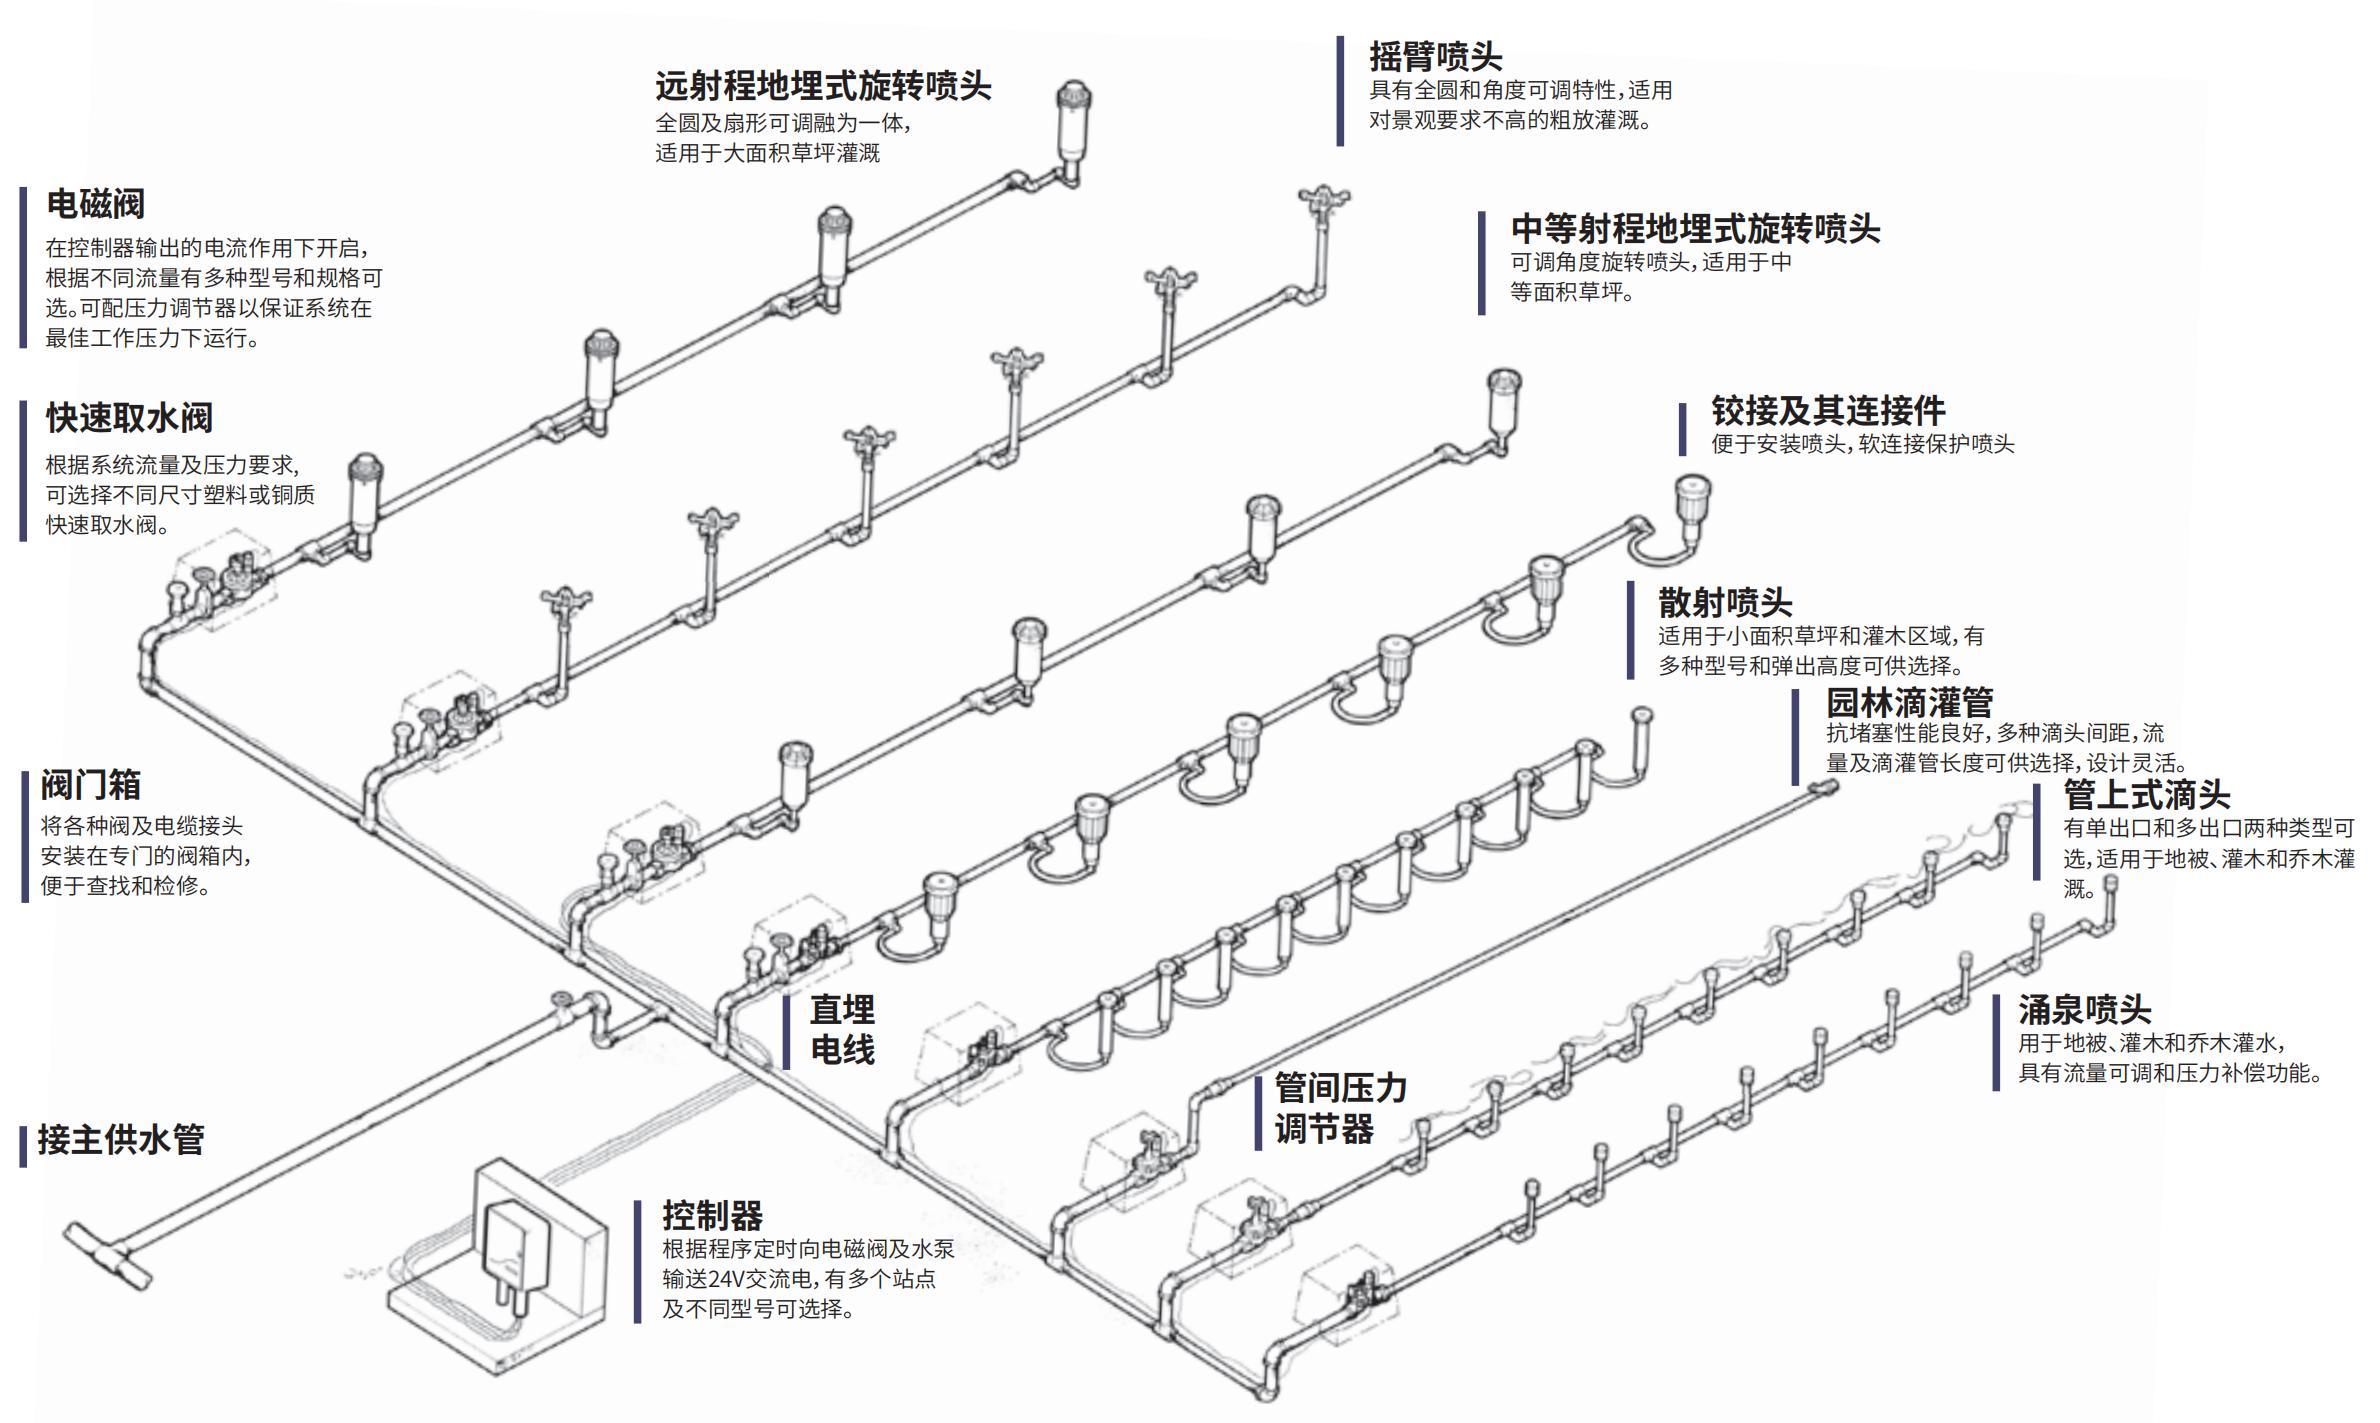 园林灌溉系统示意图